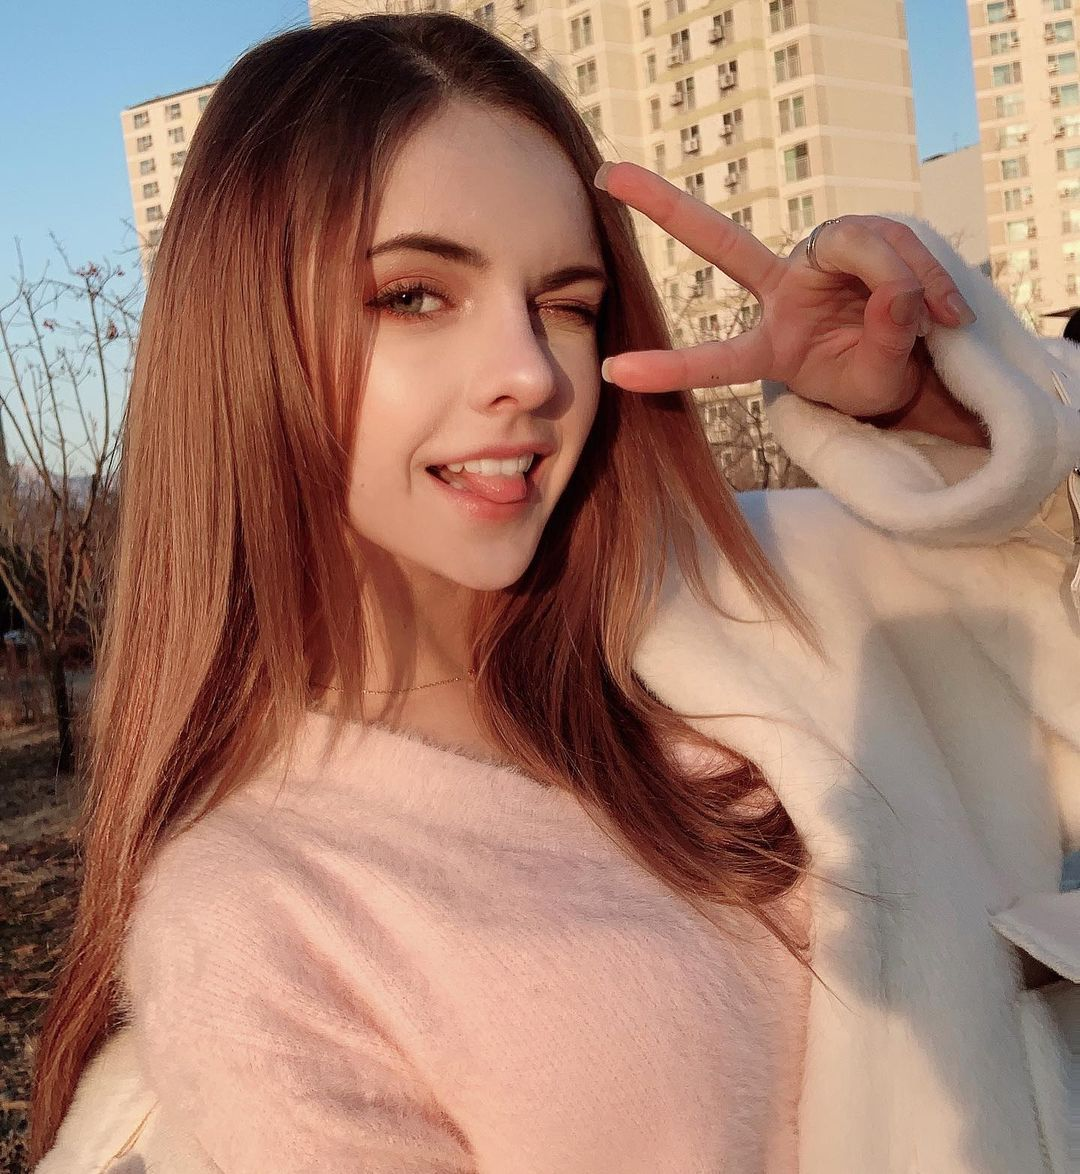 天使级白俄罗斯正妹「Sasha Song」…白皙肌肤X绝美脸蛋太逆天啦!-新图包